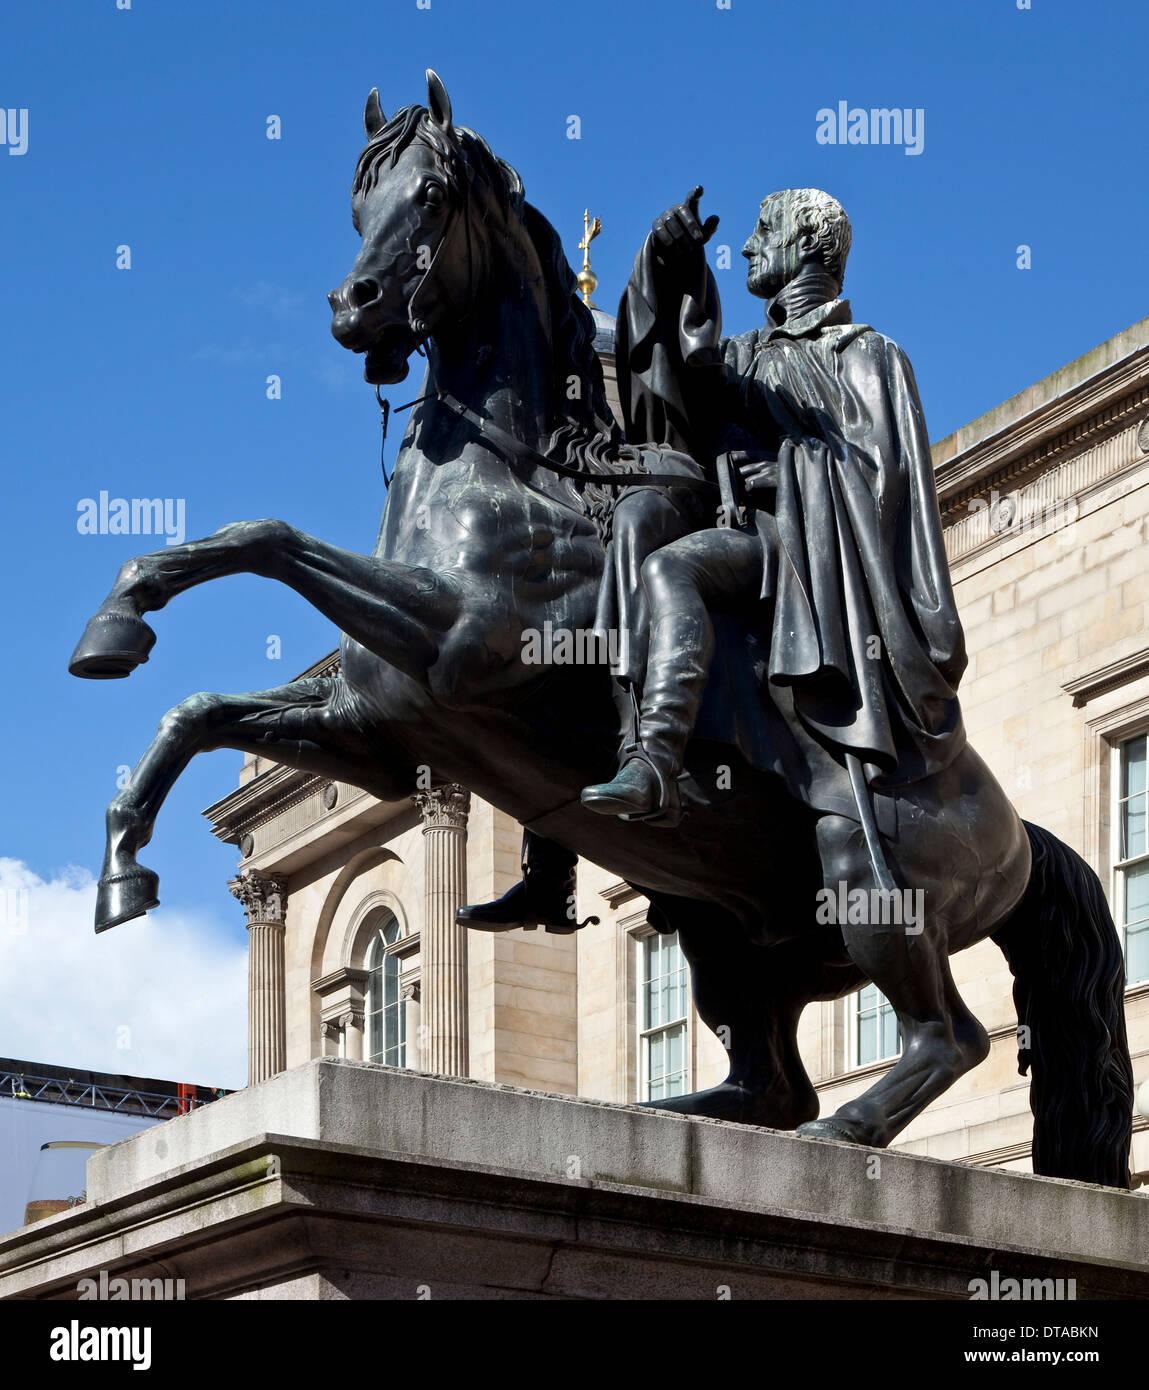 Edinburgh, Reiterstandbild Wellington - Stock Image